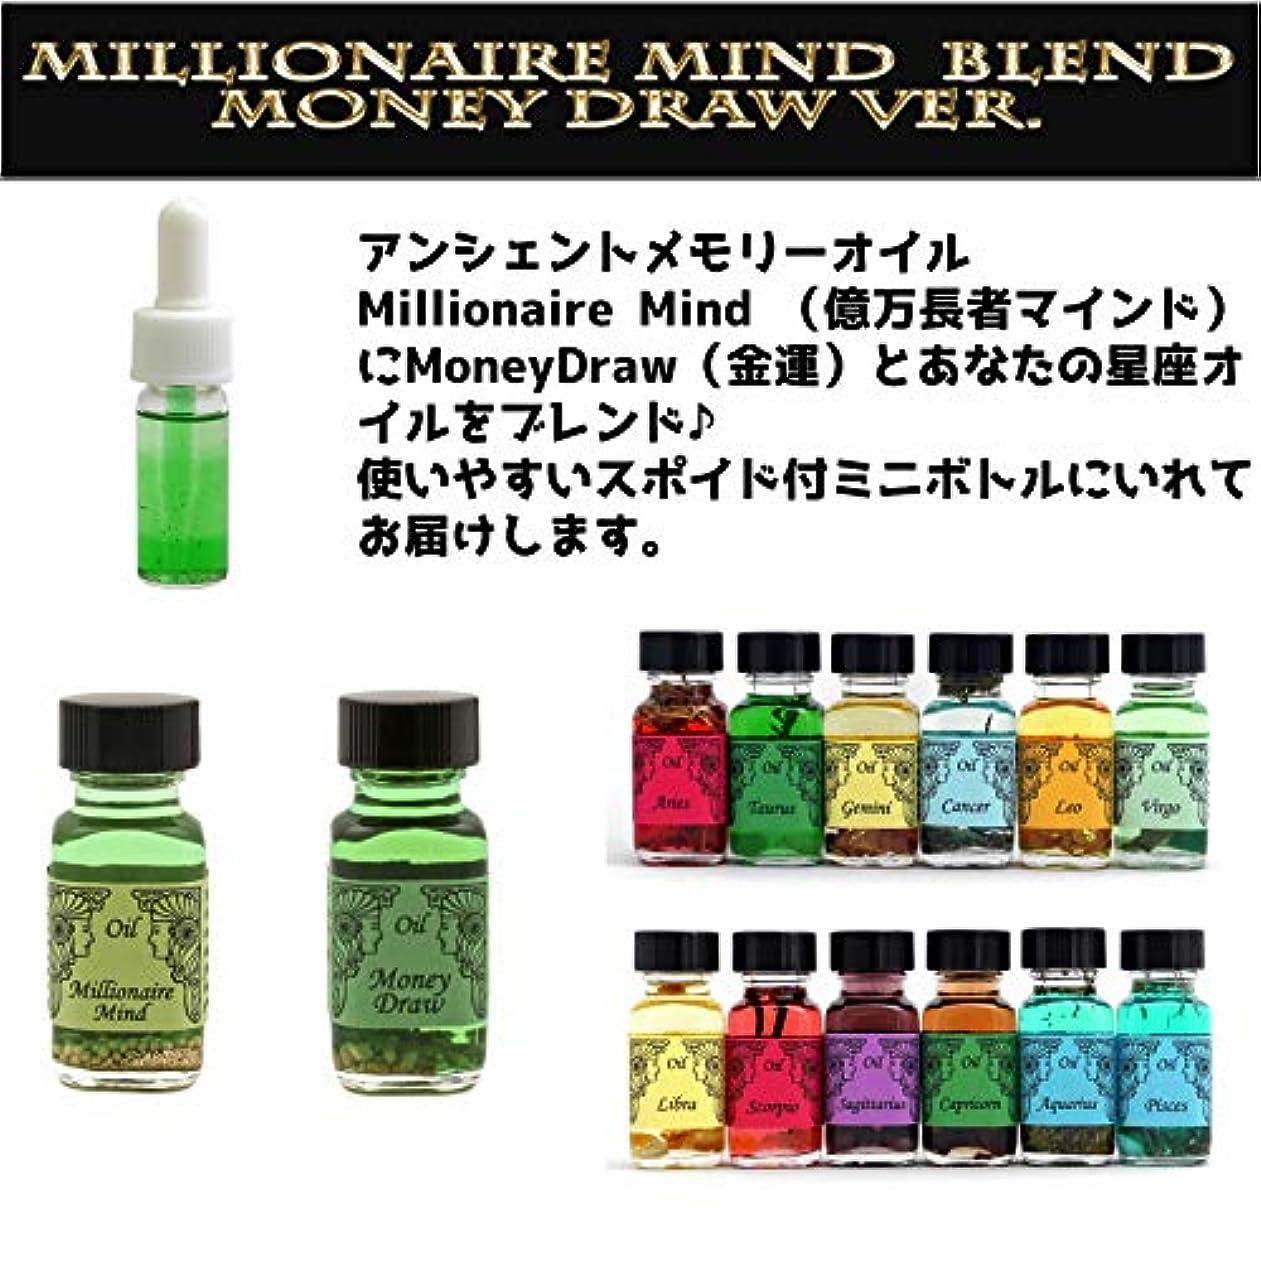 必要解読するソフトウェアアンシェントメモリーオイル Millionaire Mind 億万長者マインド ブレンド(Money Drawマネードロー(金運)&やぎ座